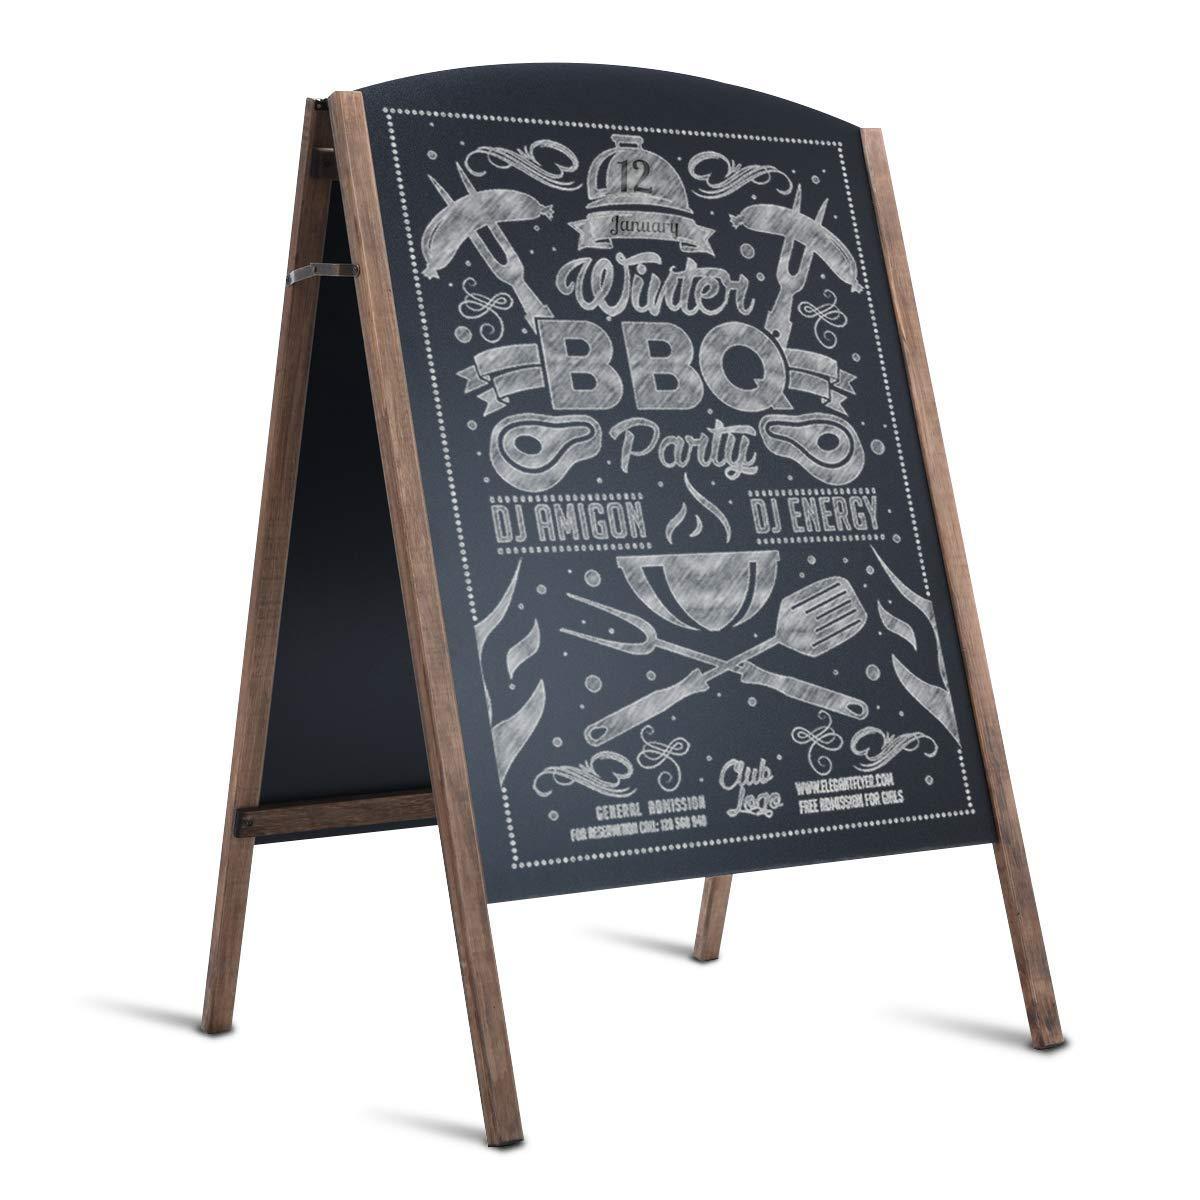 Tangkula A-Frame Chalkboard Office Teaching Rustic Wooden Double-Sided Standing Sidewalk Chalkboard Sign Sandwich Board 25.5 x 40'' (M)